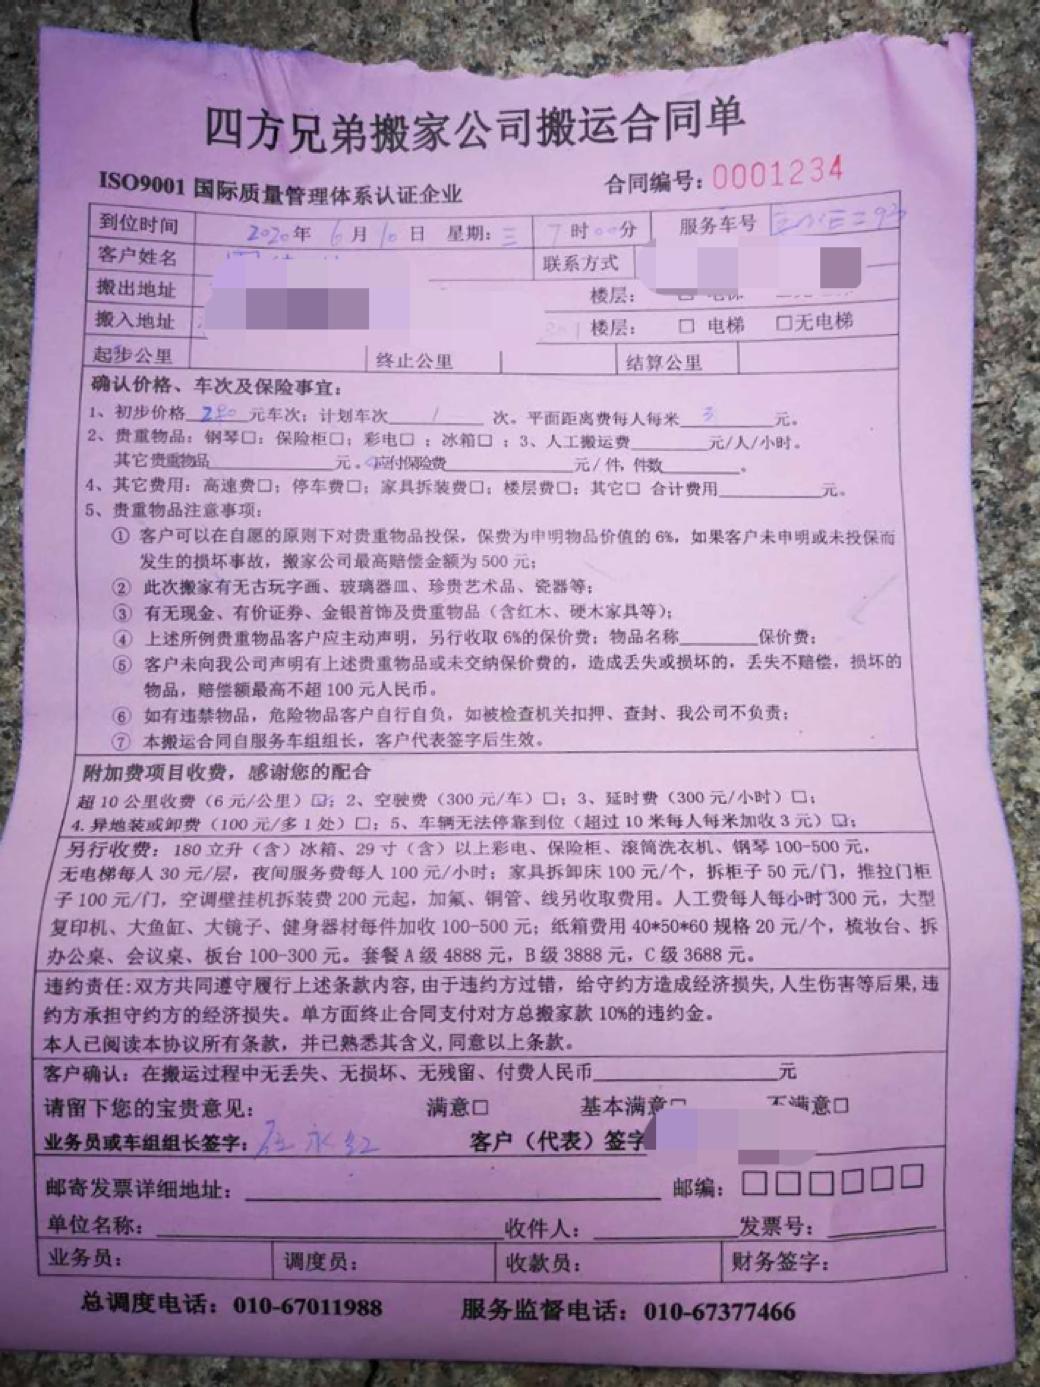 http://www.liuyubo.com/jingji/3208844.html